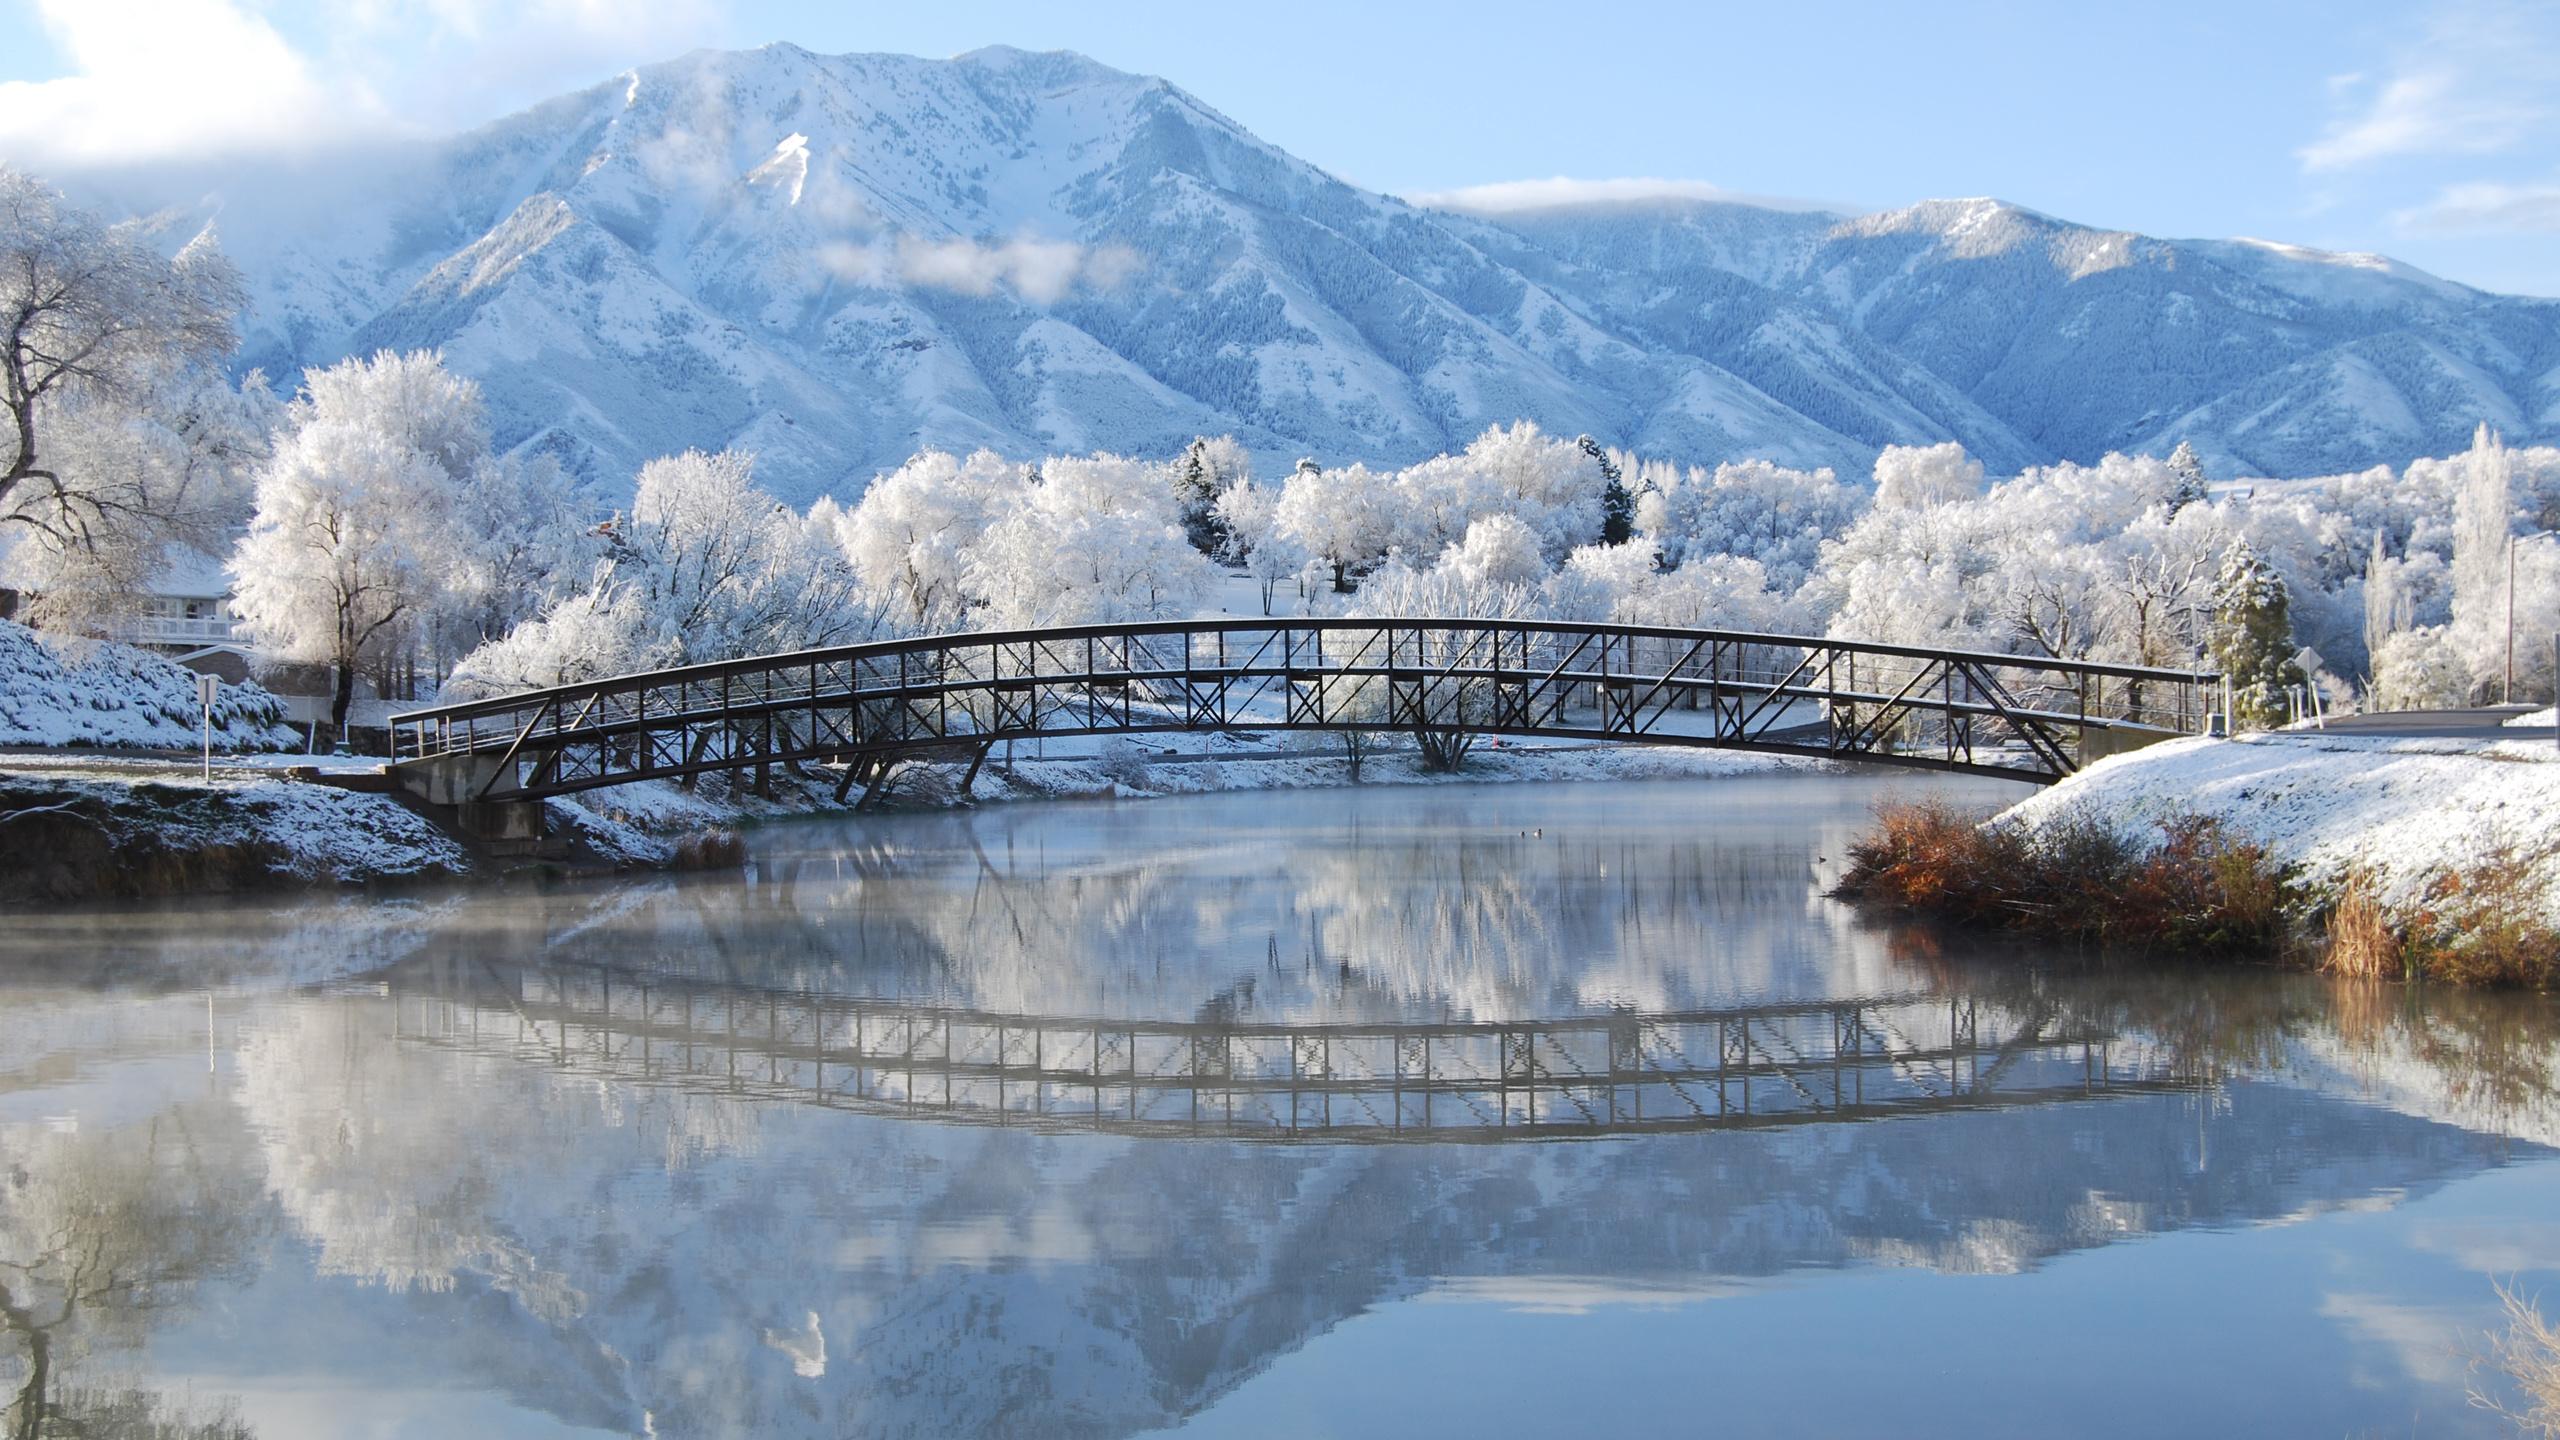 определить животное, яркие картинки зима средней школе учебному